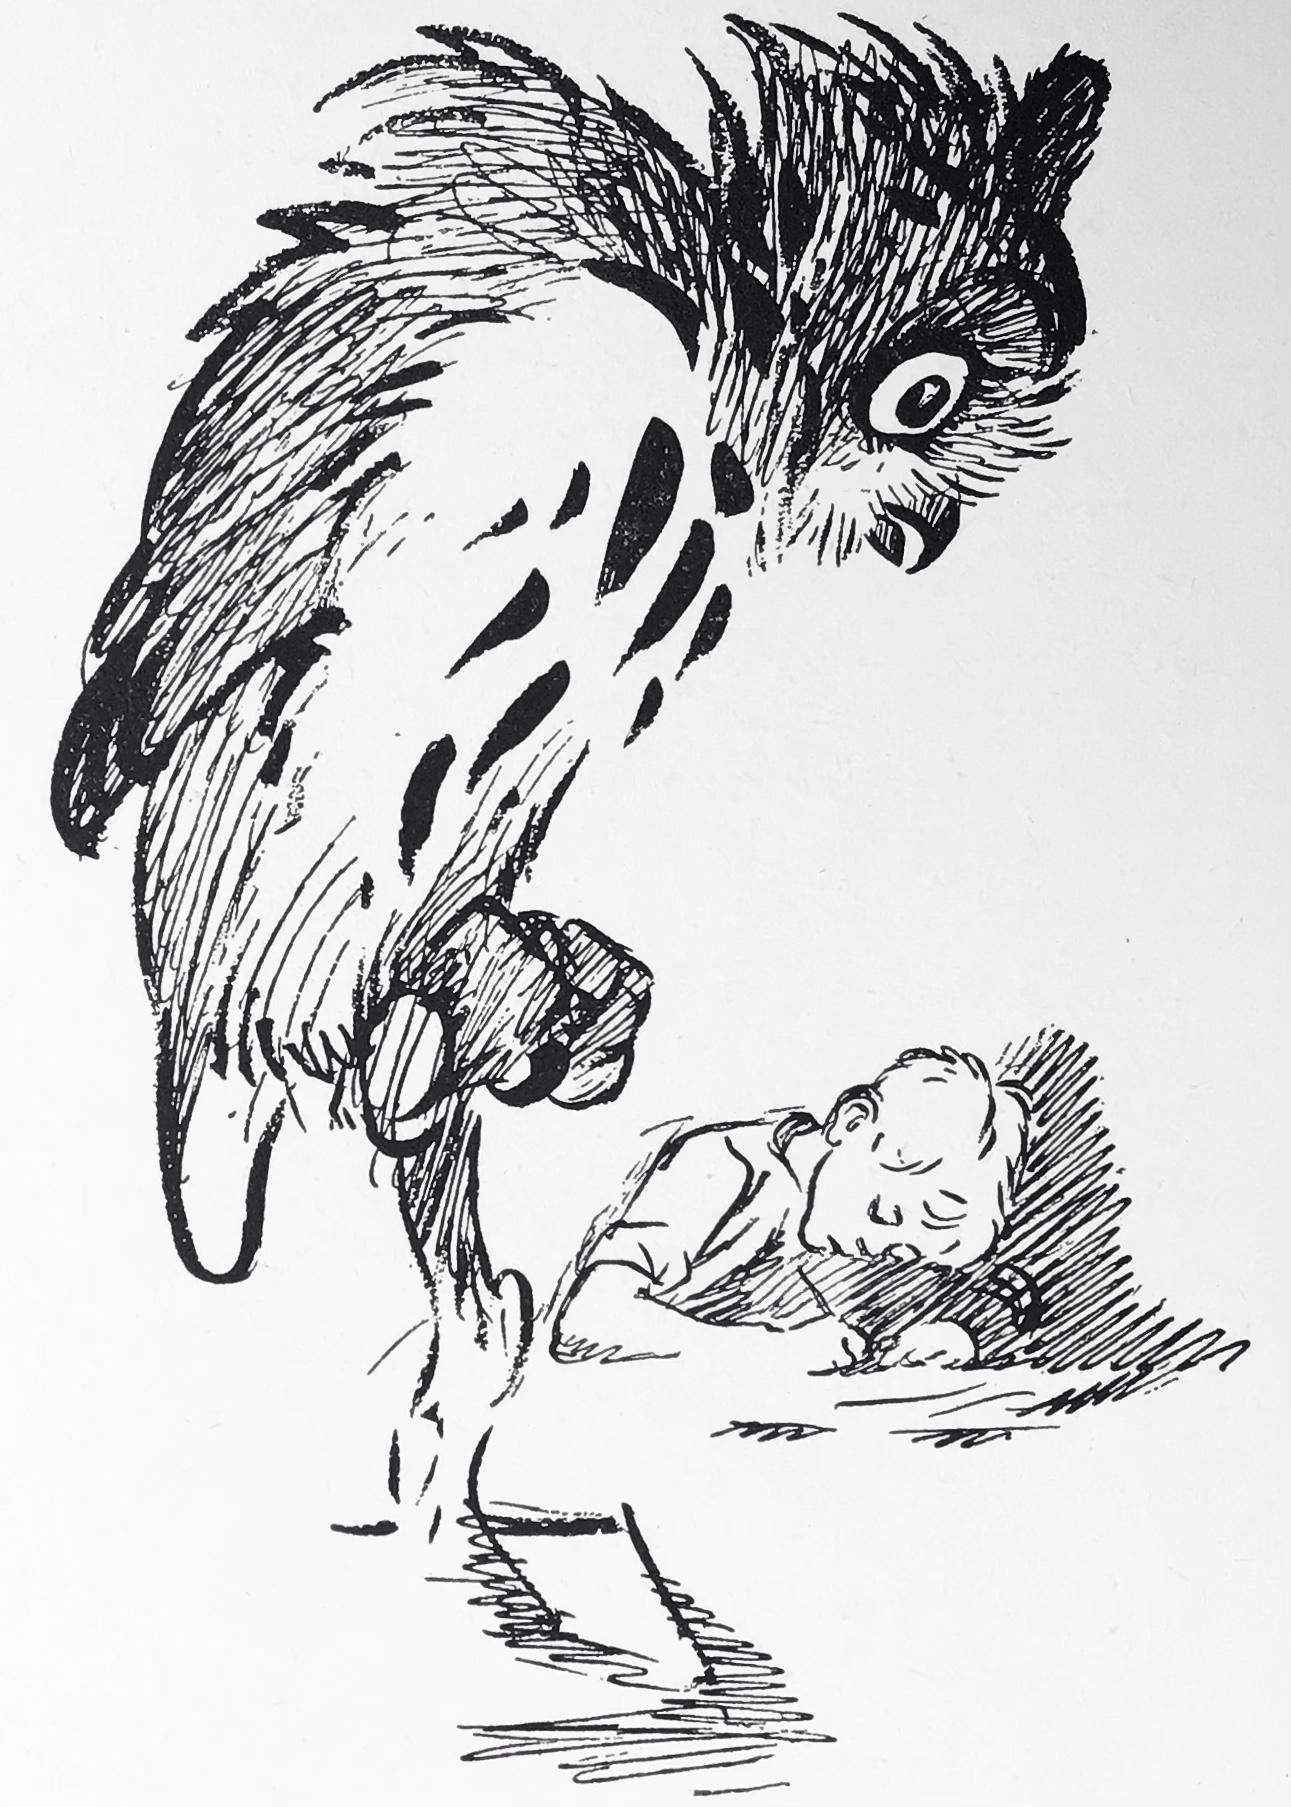 I snickarbänkens verktygslåda stod sexton svartryggade mysterieböcker och en uppstoppad uggla med ena ögat bortfallet.